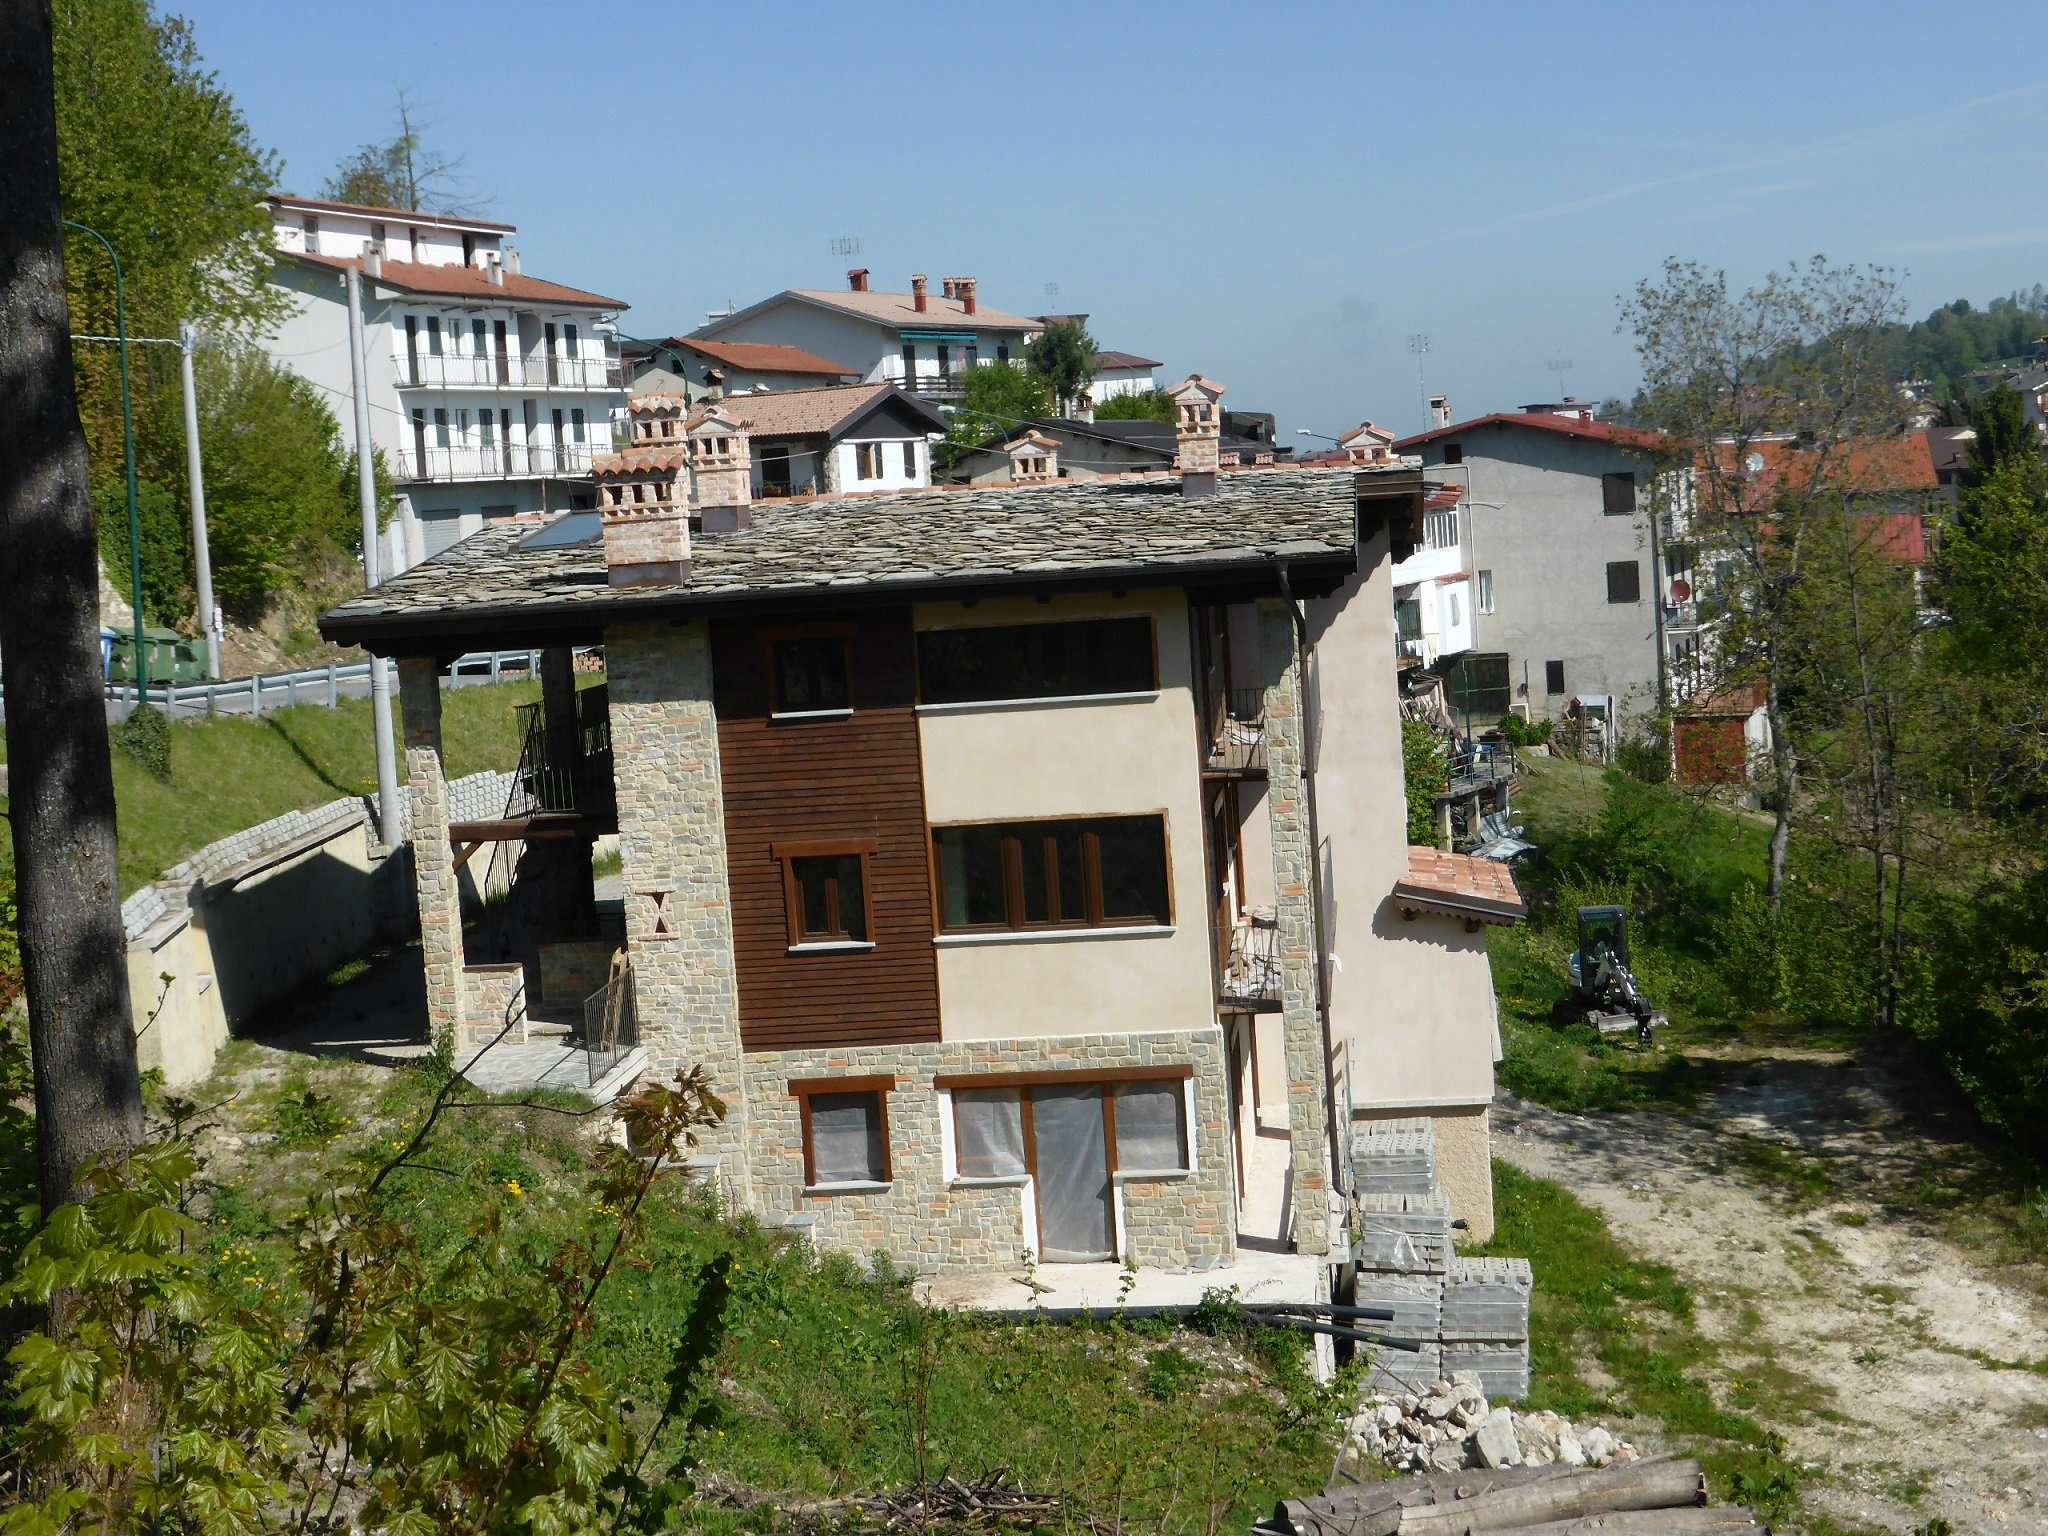 Appartamento in vendita a Roburent, 3 locali, prezzo € 110.000 | CambioCasa.it